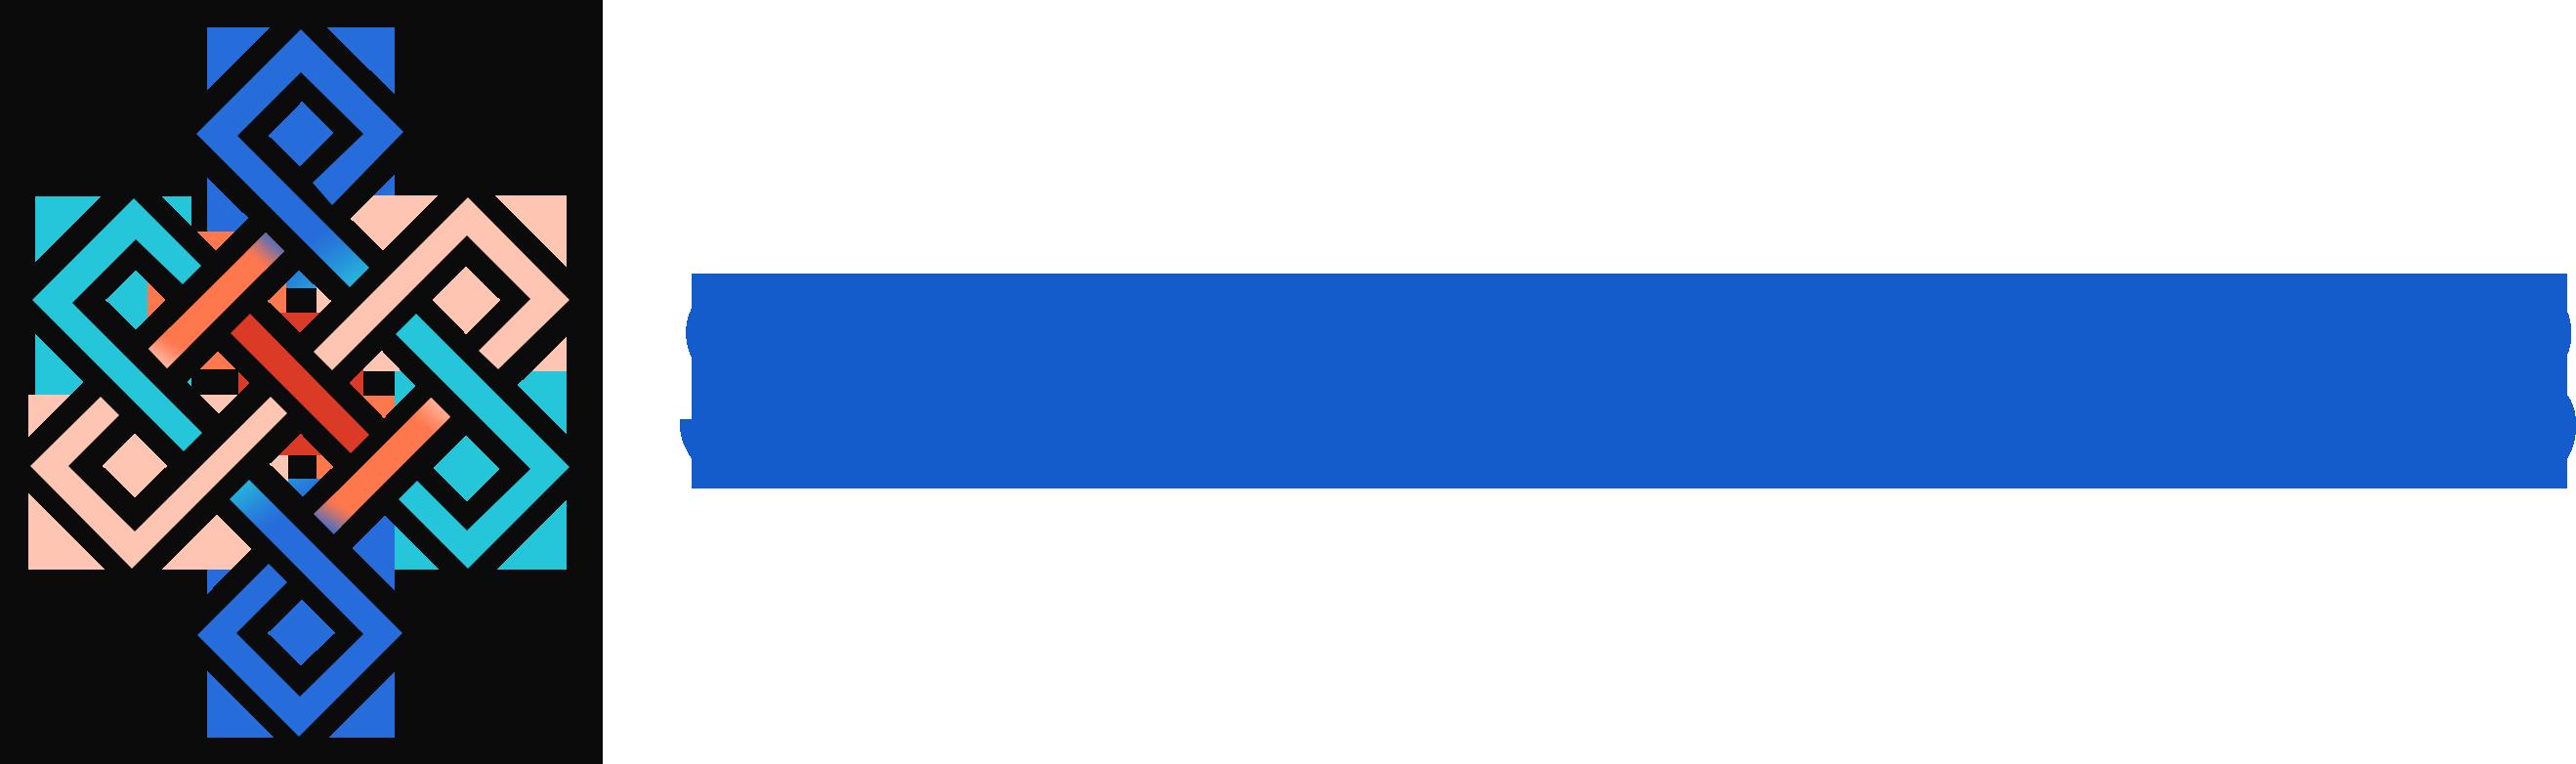 SECUREITLAB_LOGONEWW (2).png